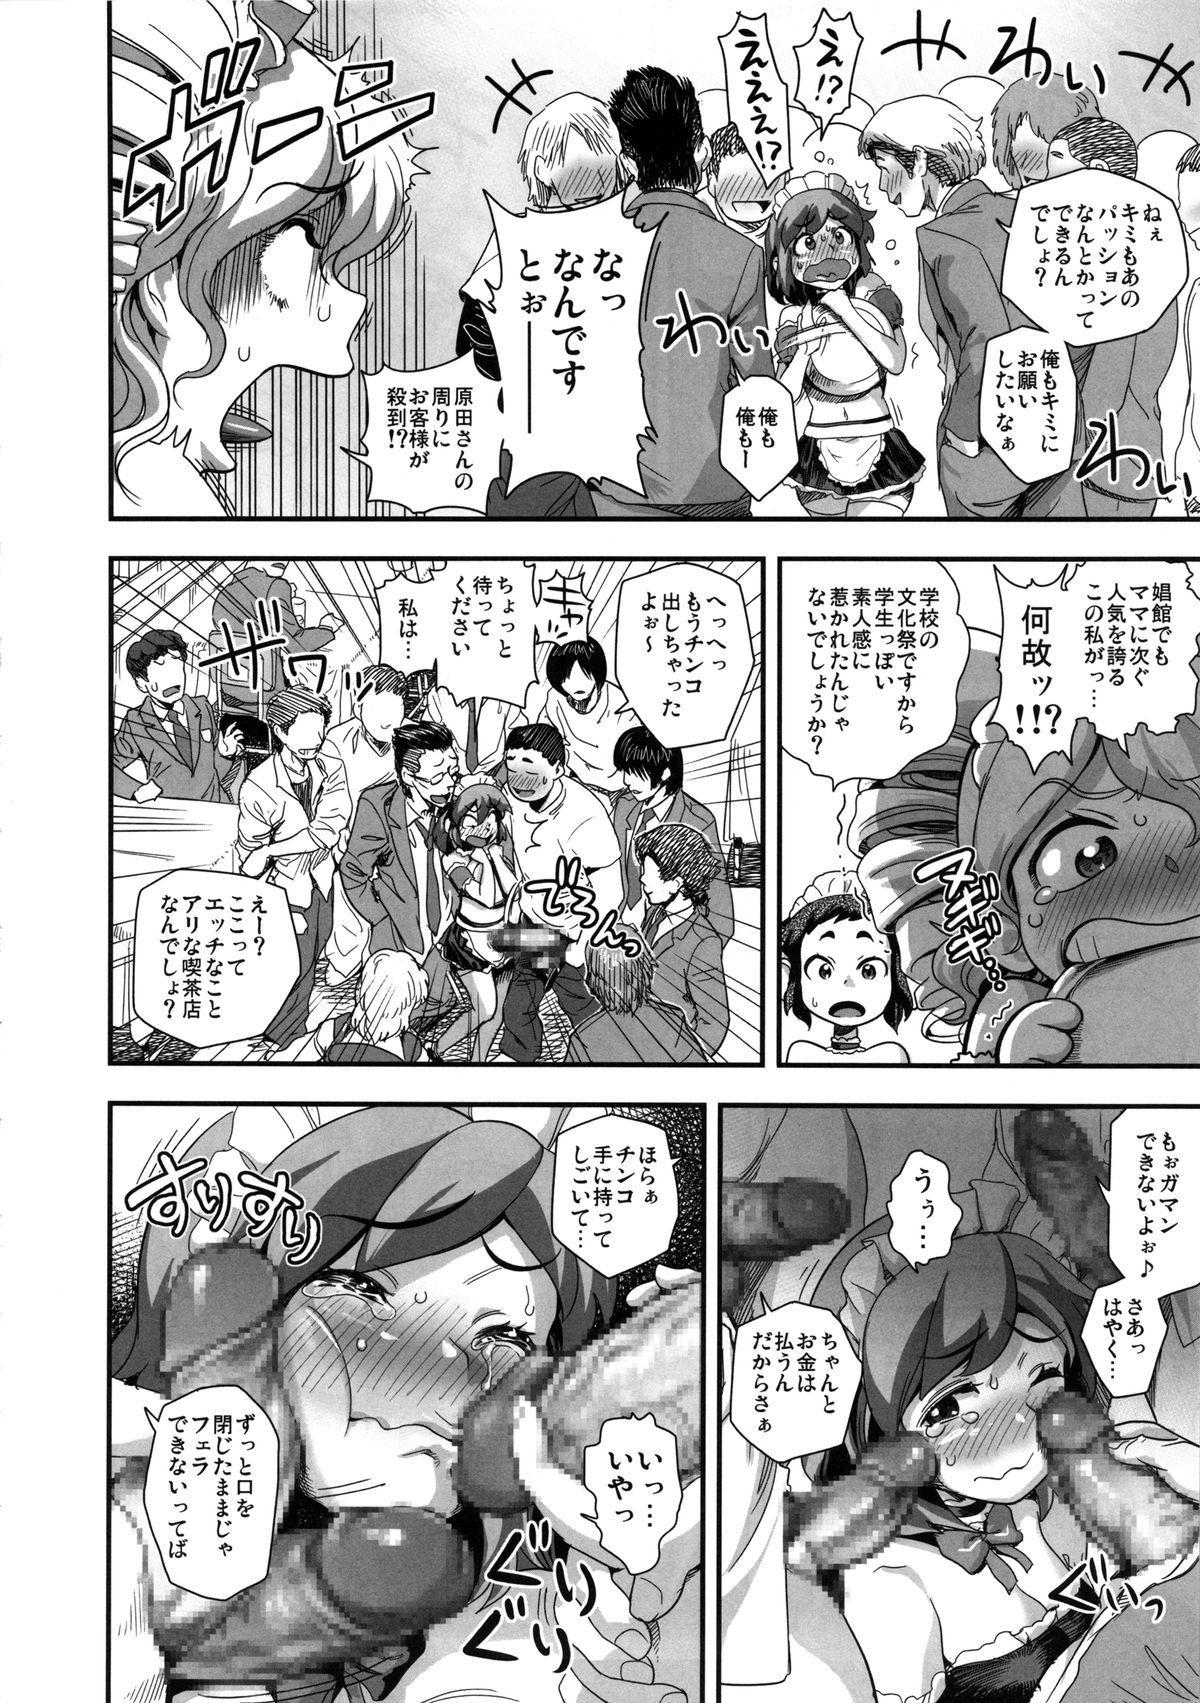 Energy Kyo-ka!! Soushuuhen 2 Manguri Hen 62